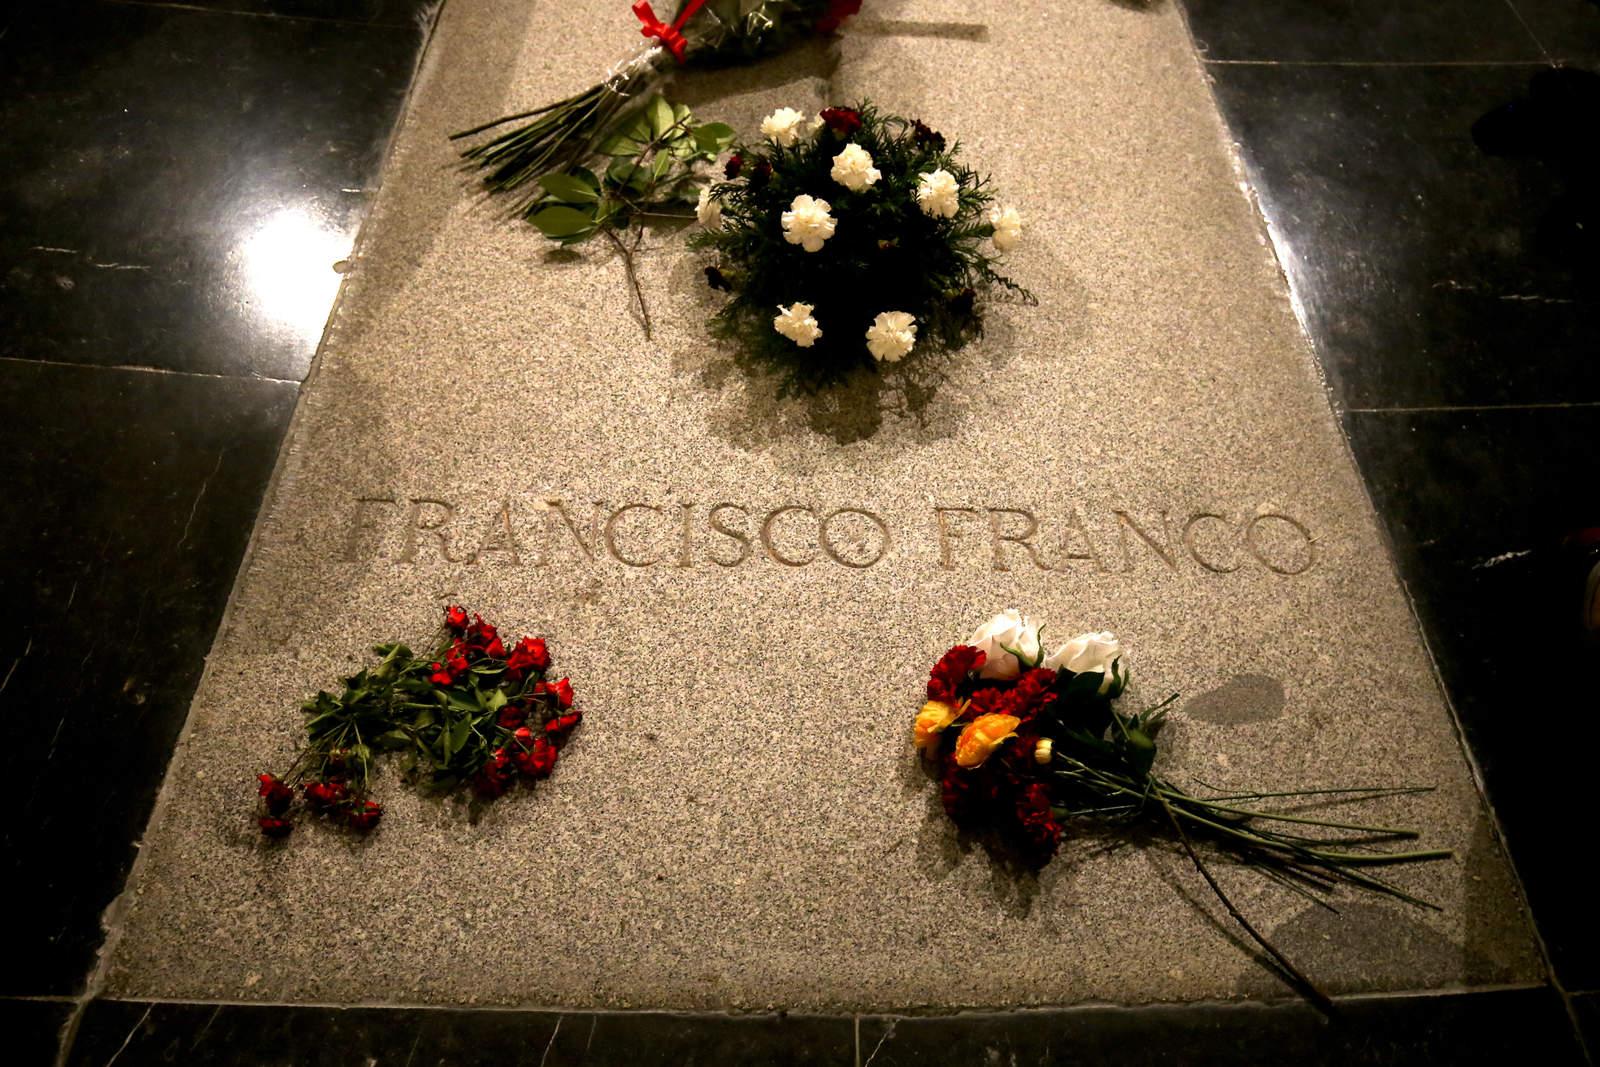 Gobierno español busca exhumar a Franco antes de fin de año